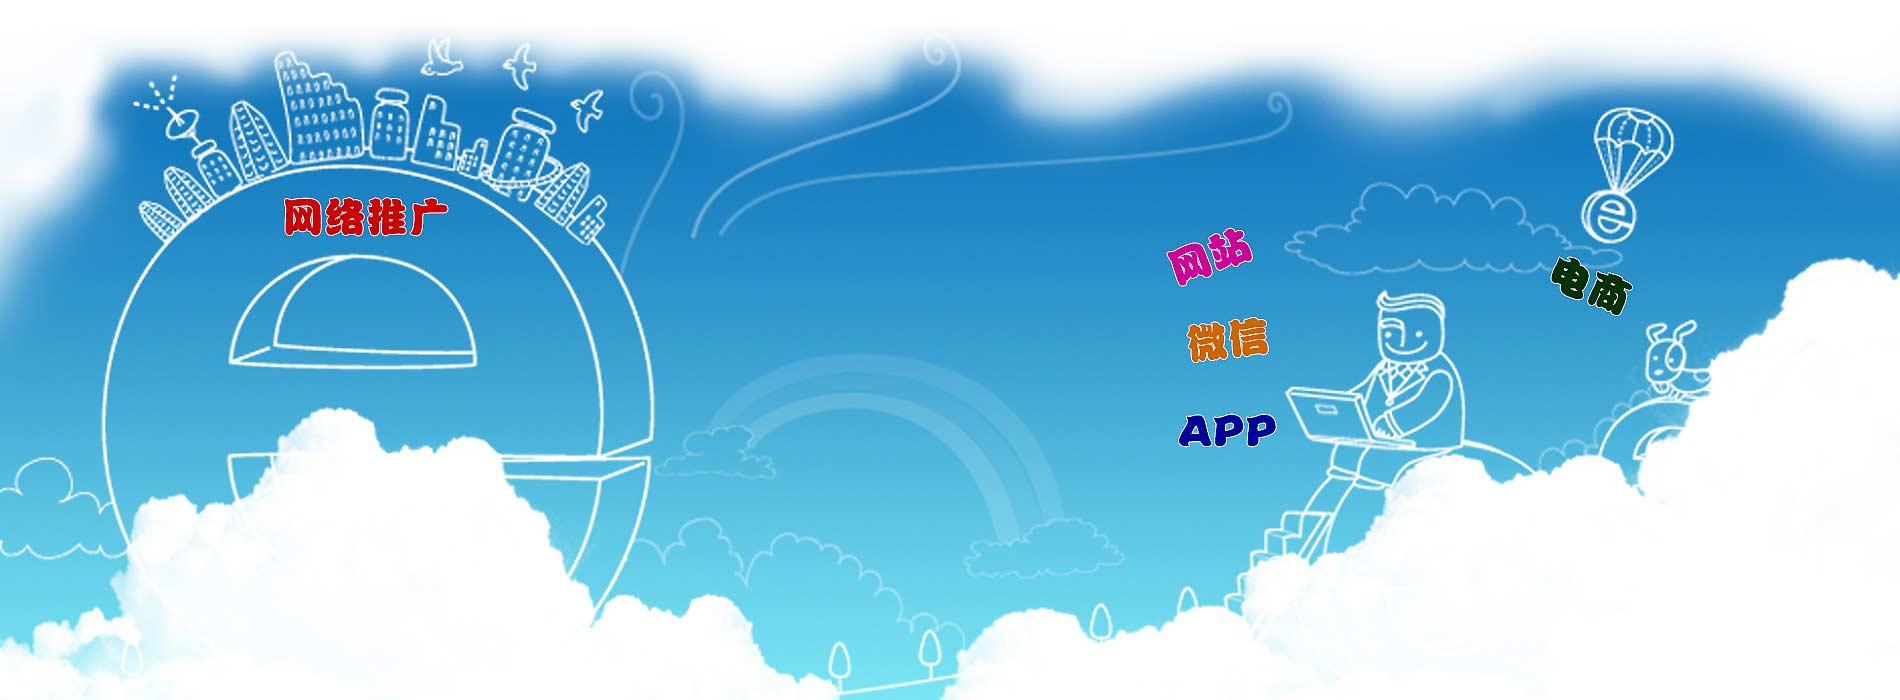 广州网站建设谈间,广州网络推广但黑色,广州电商运营